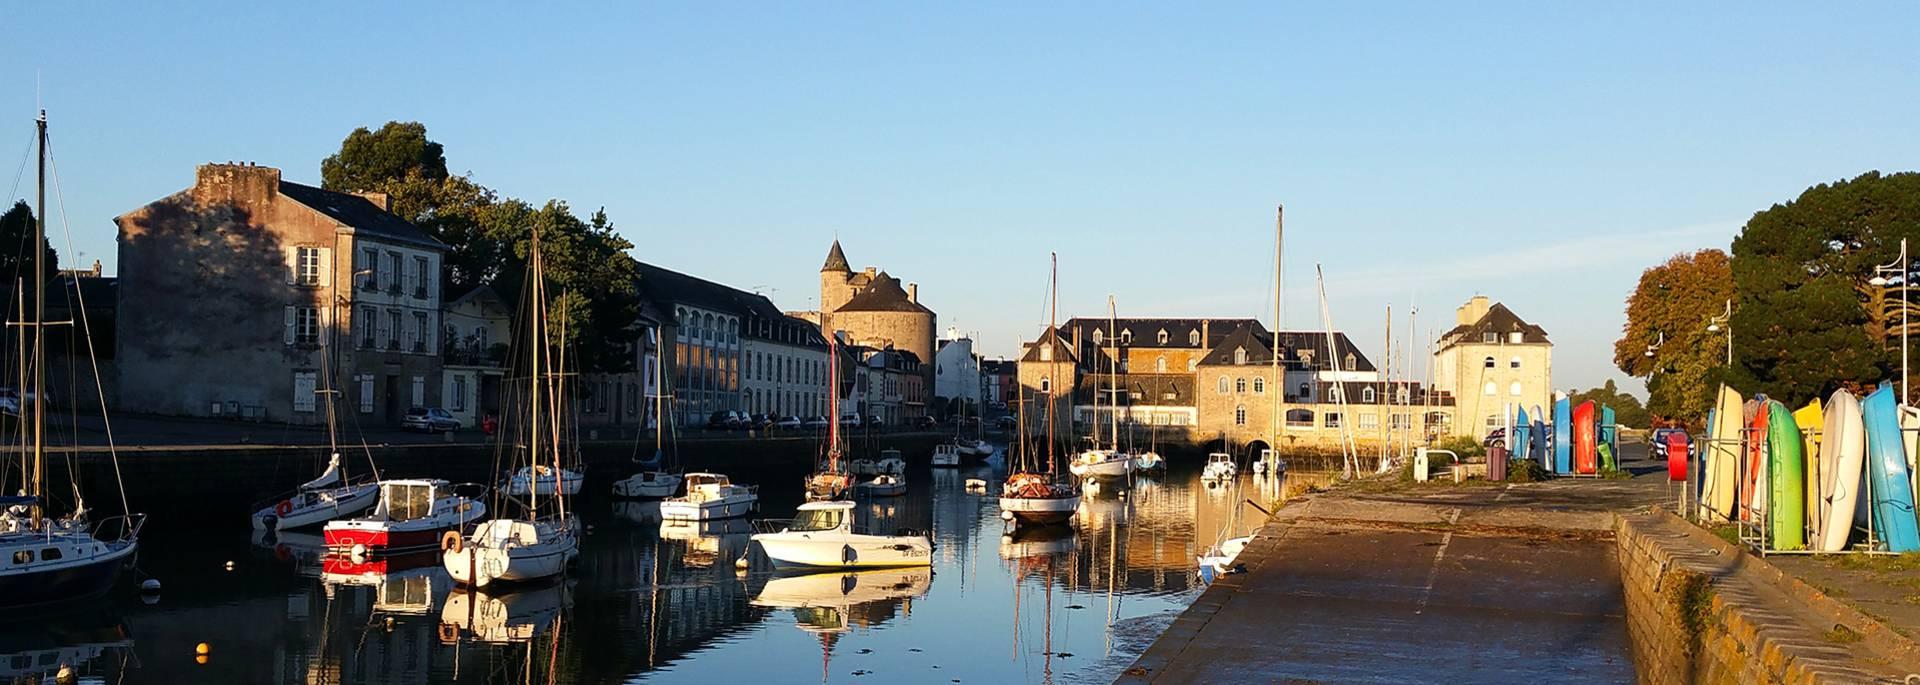 Le patrimoine du Pays Bigouden - chateau et pont habité de Pont-l'Abbé © E Cléret